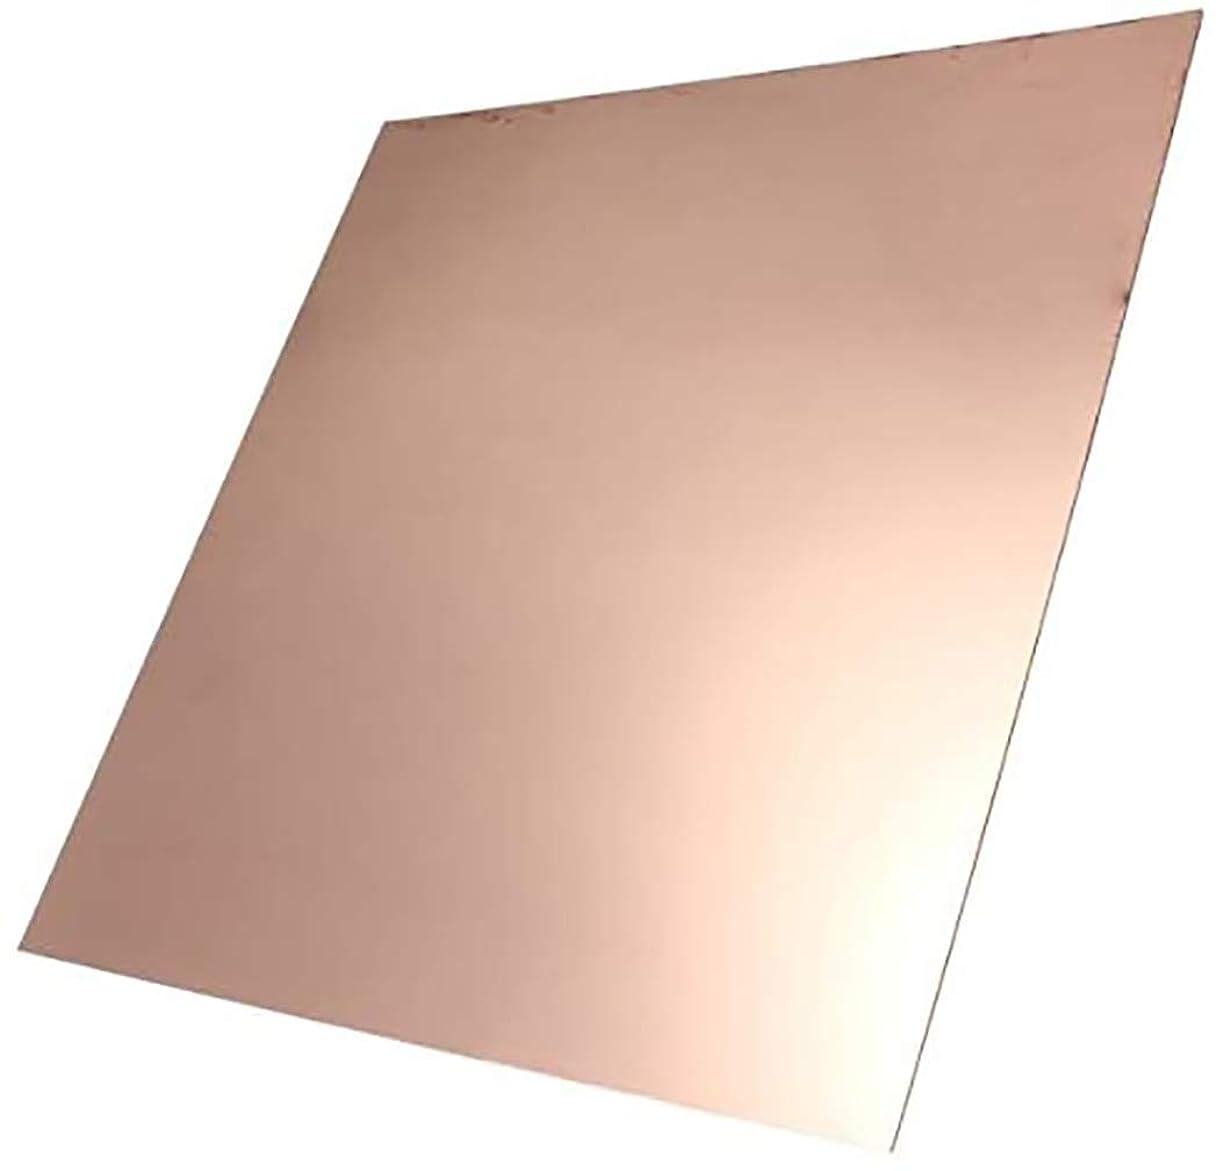 ブロー天のT2銅プレート/シート/純粋な赤銅と導電性の銅プレート,4*100*150